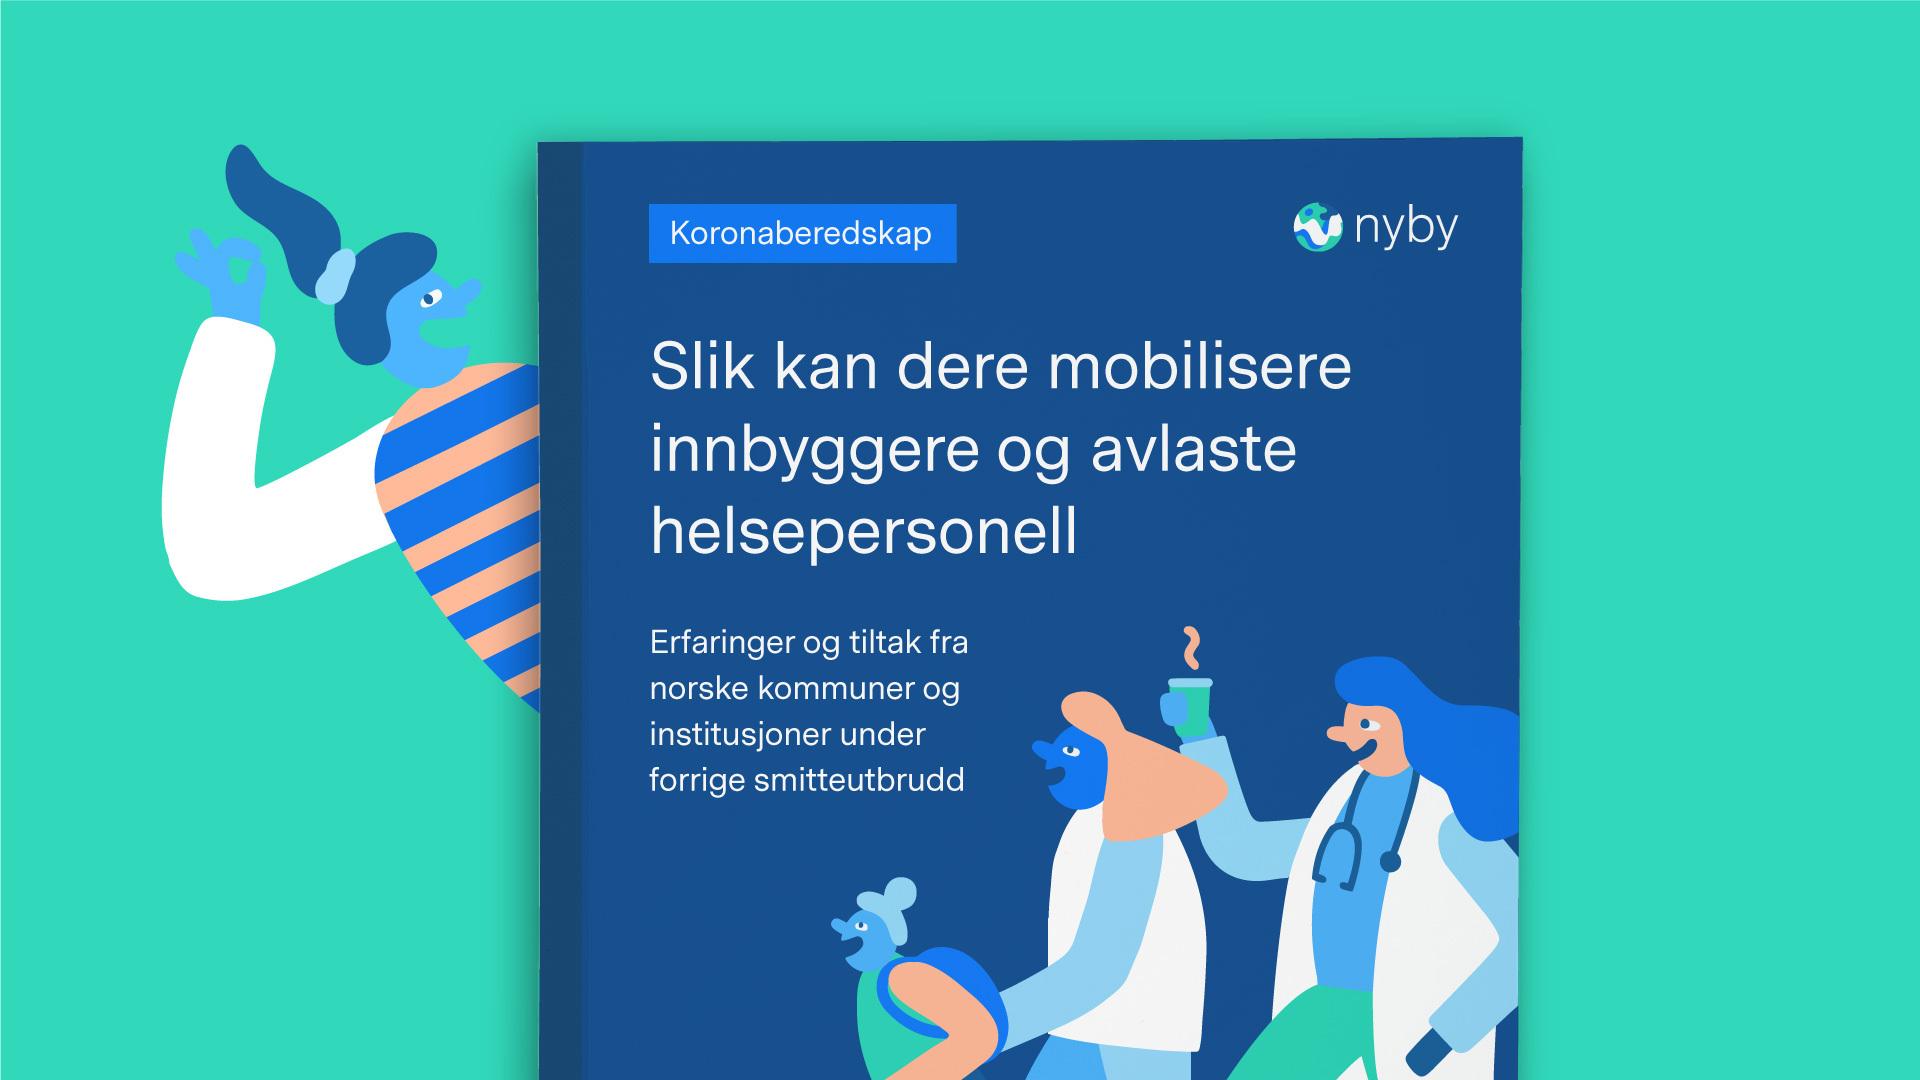 Nyby_ebook_koronabedreskap_01_Hubspot